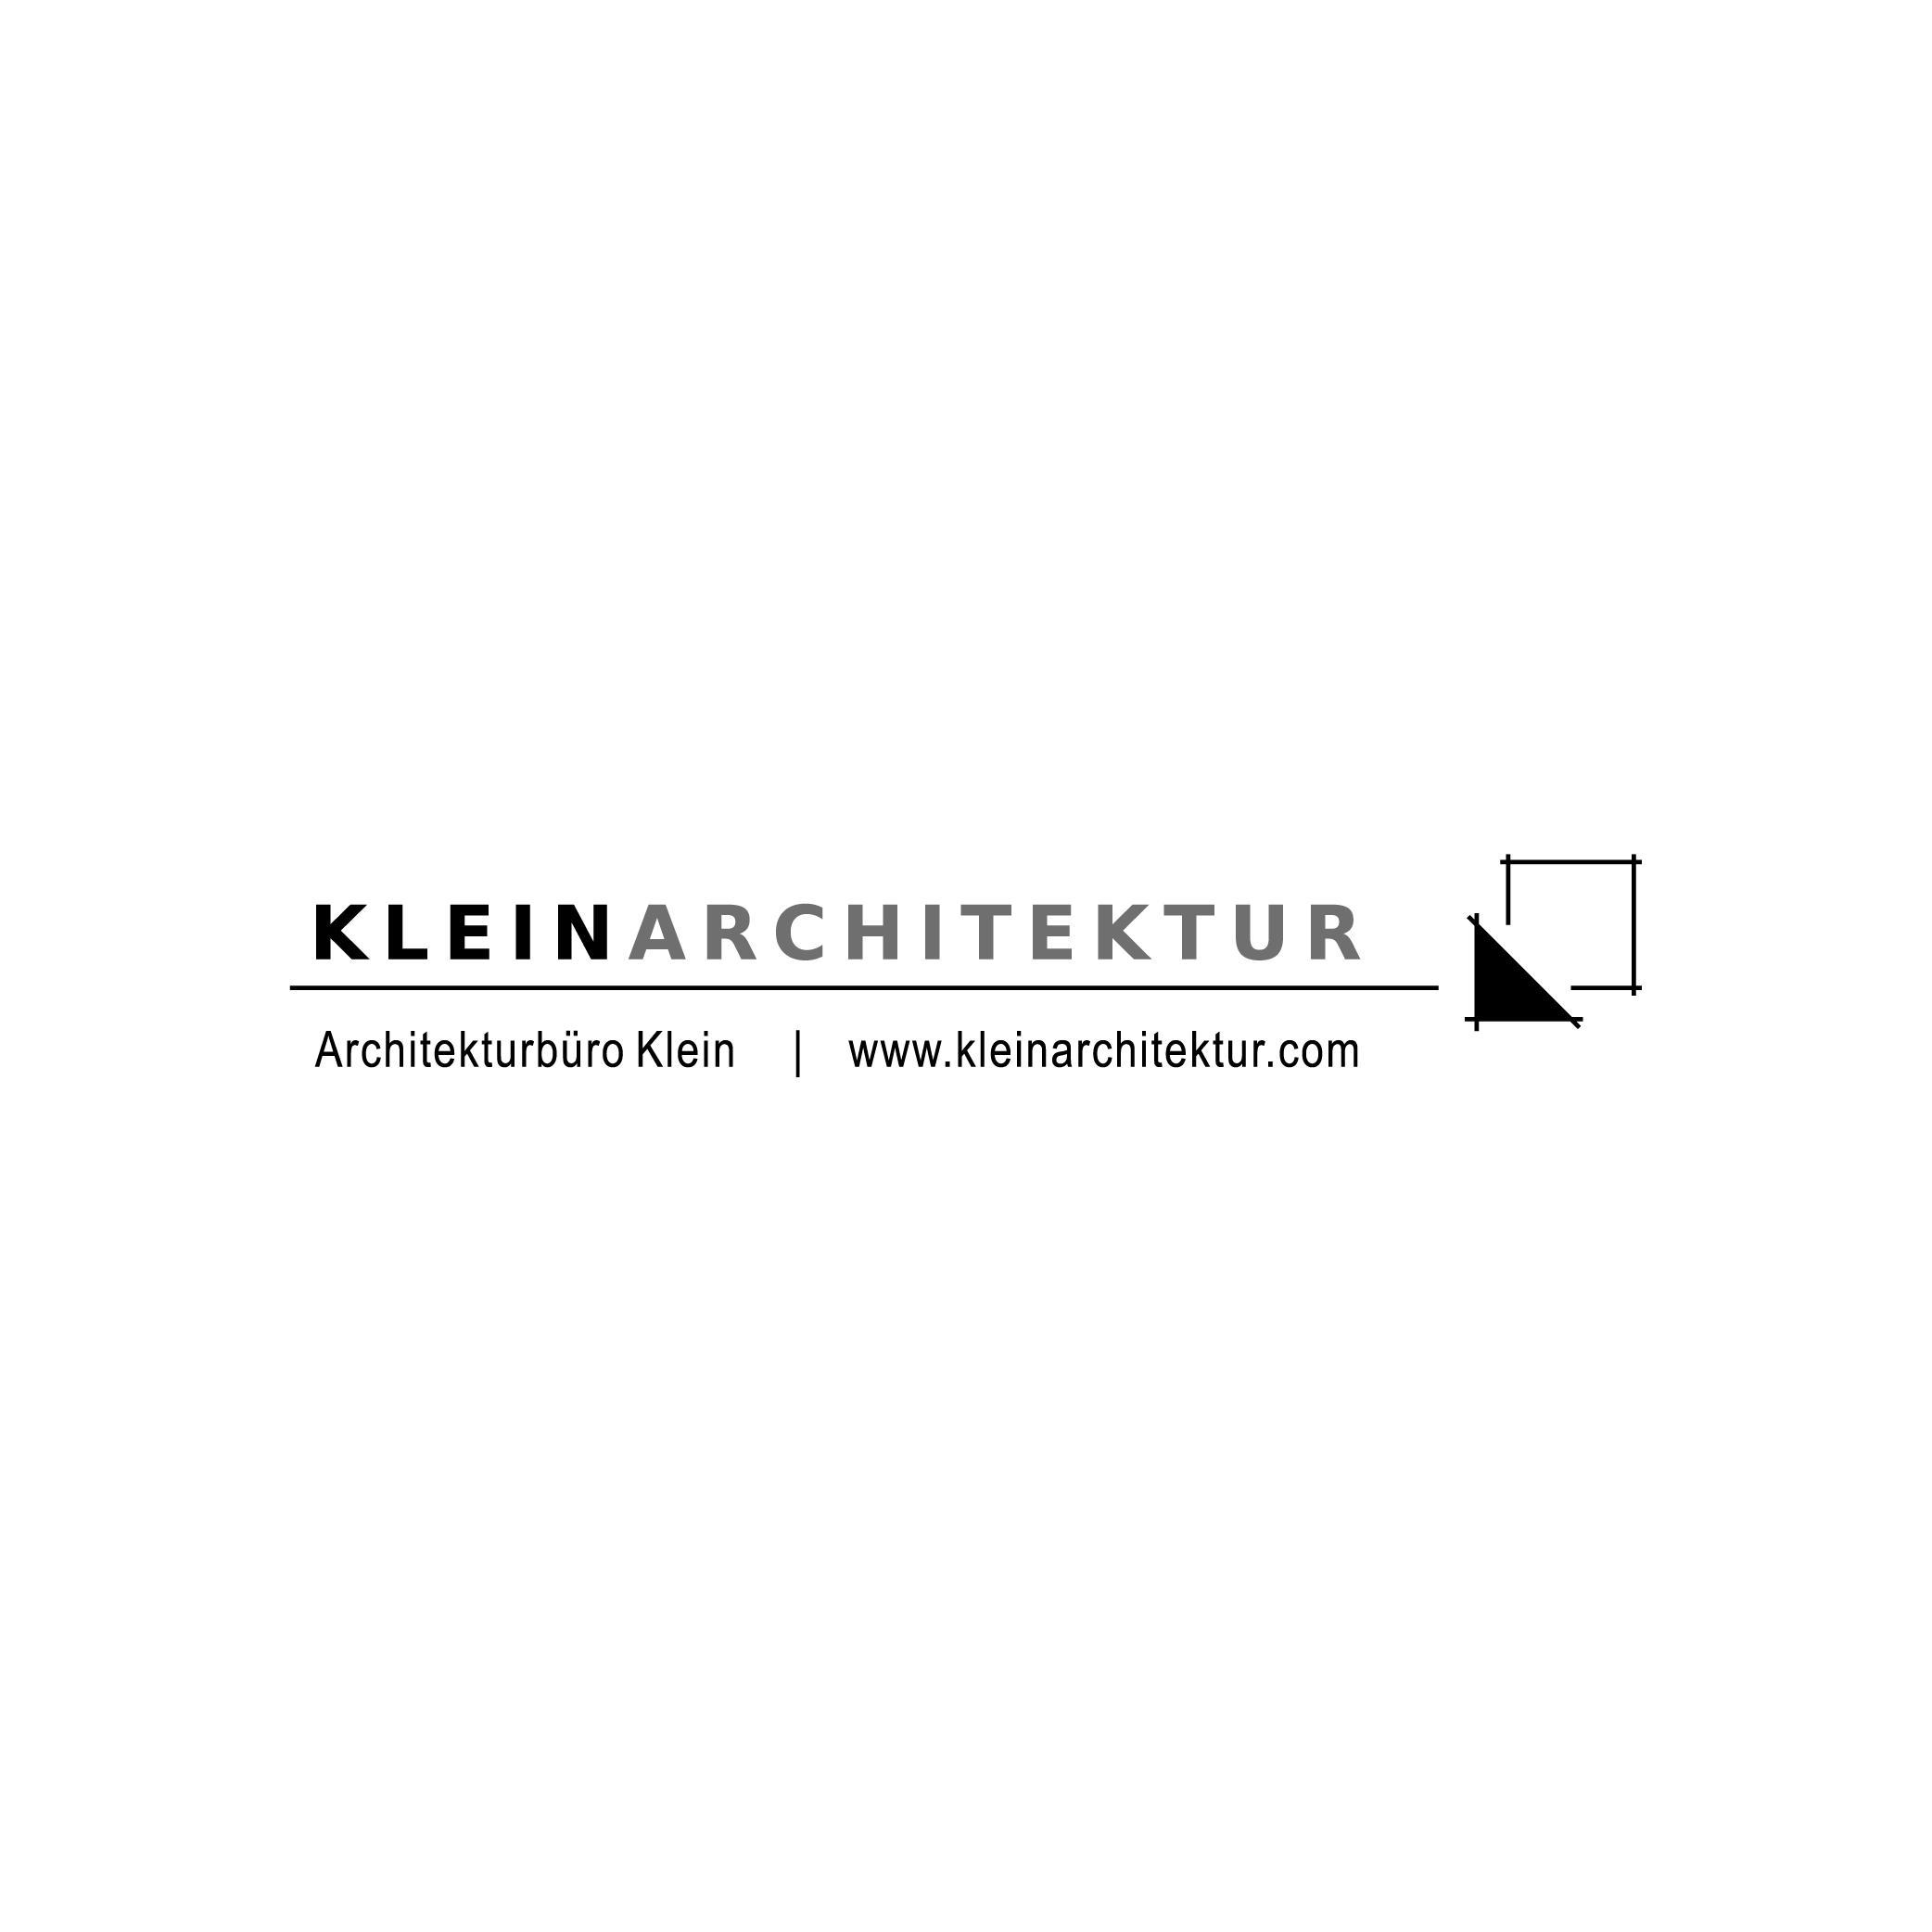 Klein Architektur